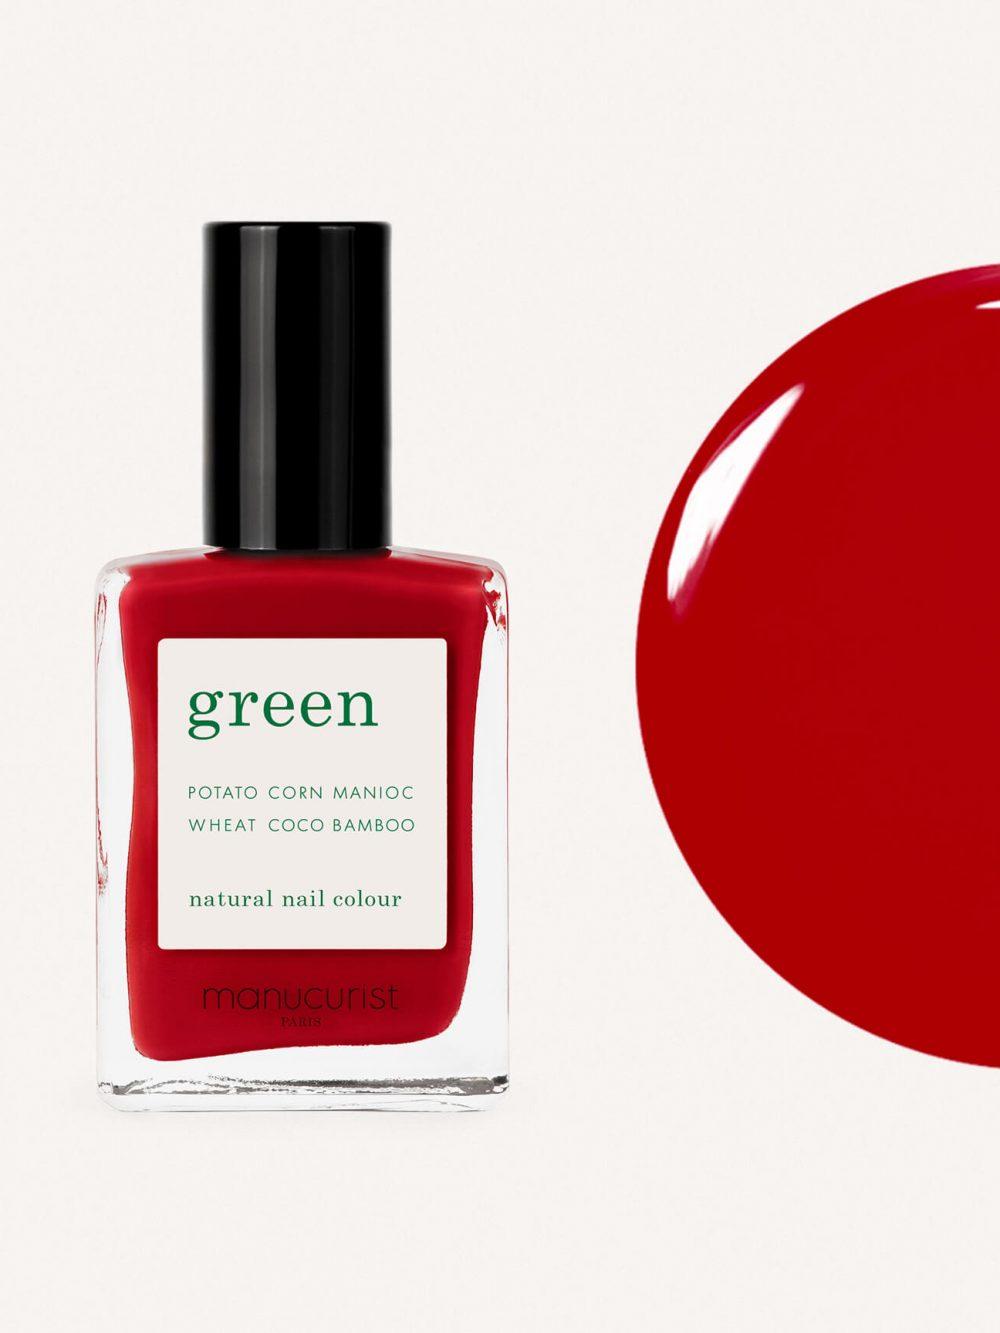 vernis à ongles bio green de la marque Manucurist made in france de couleur rouge red cherry